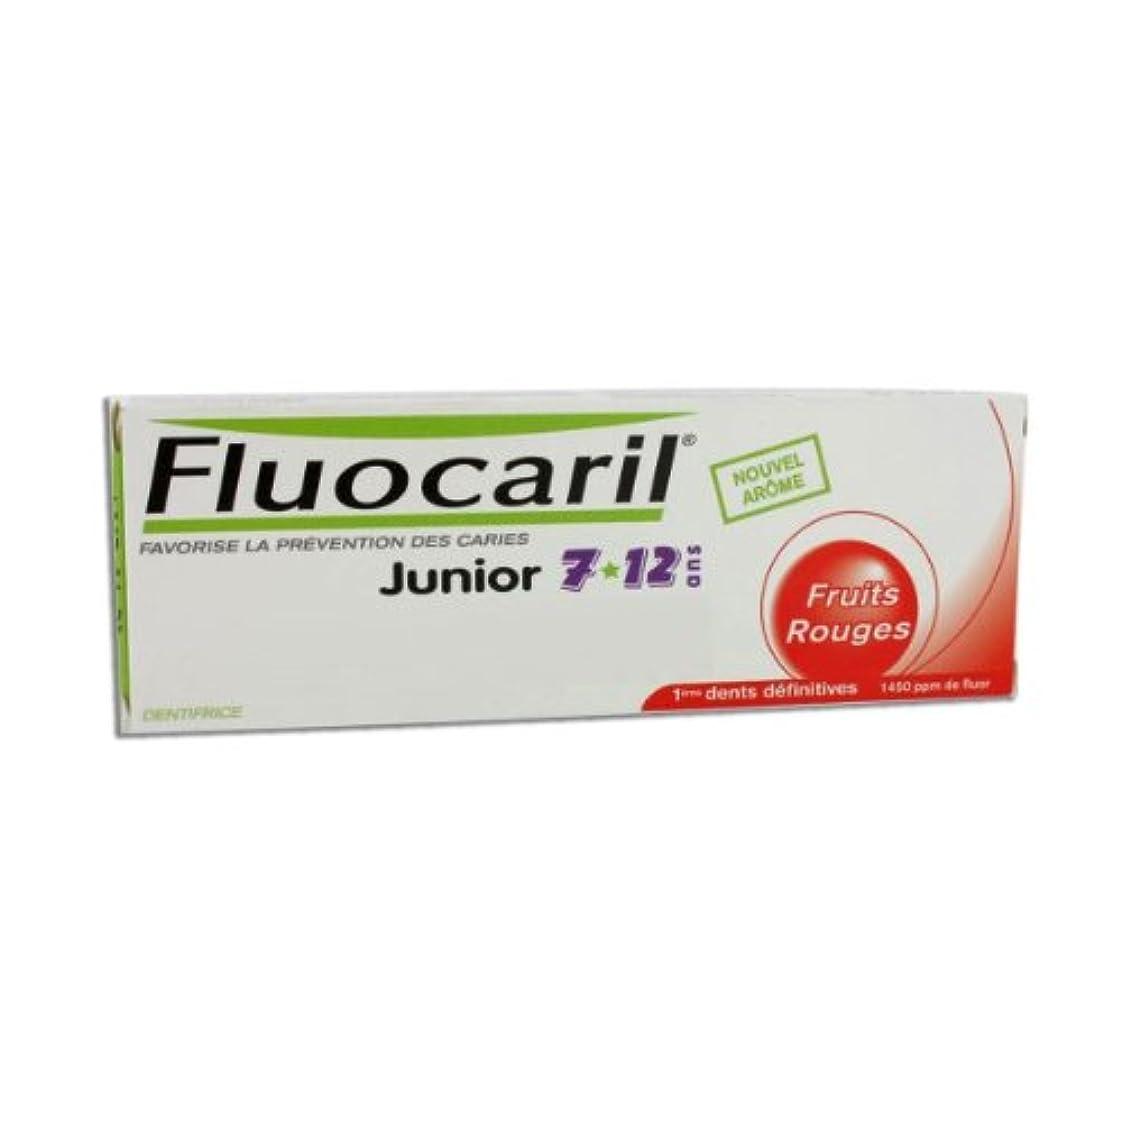 振幅好ましいテロFluocaril Junior 6 To 12 Toothpaste Red Fruits 50ml [並行輸入品]